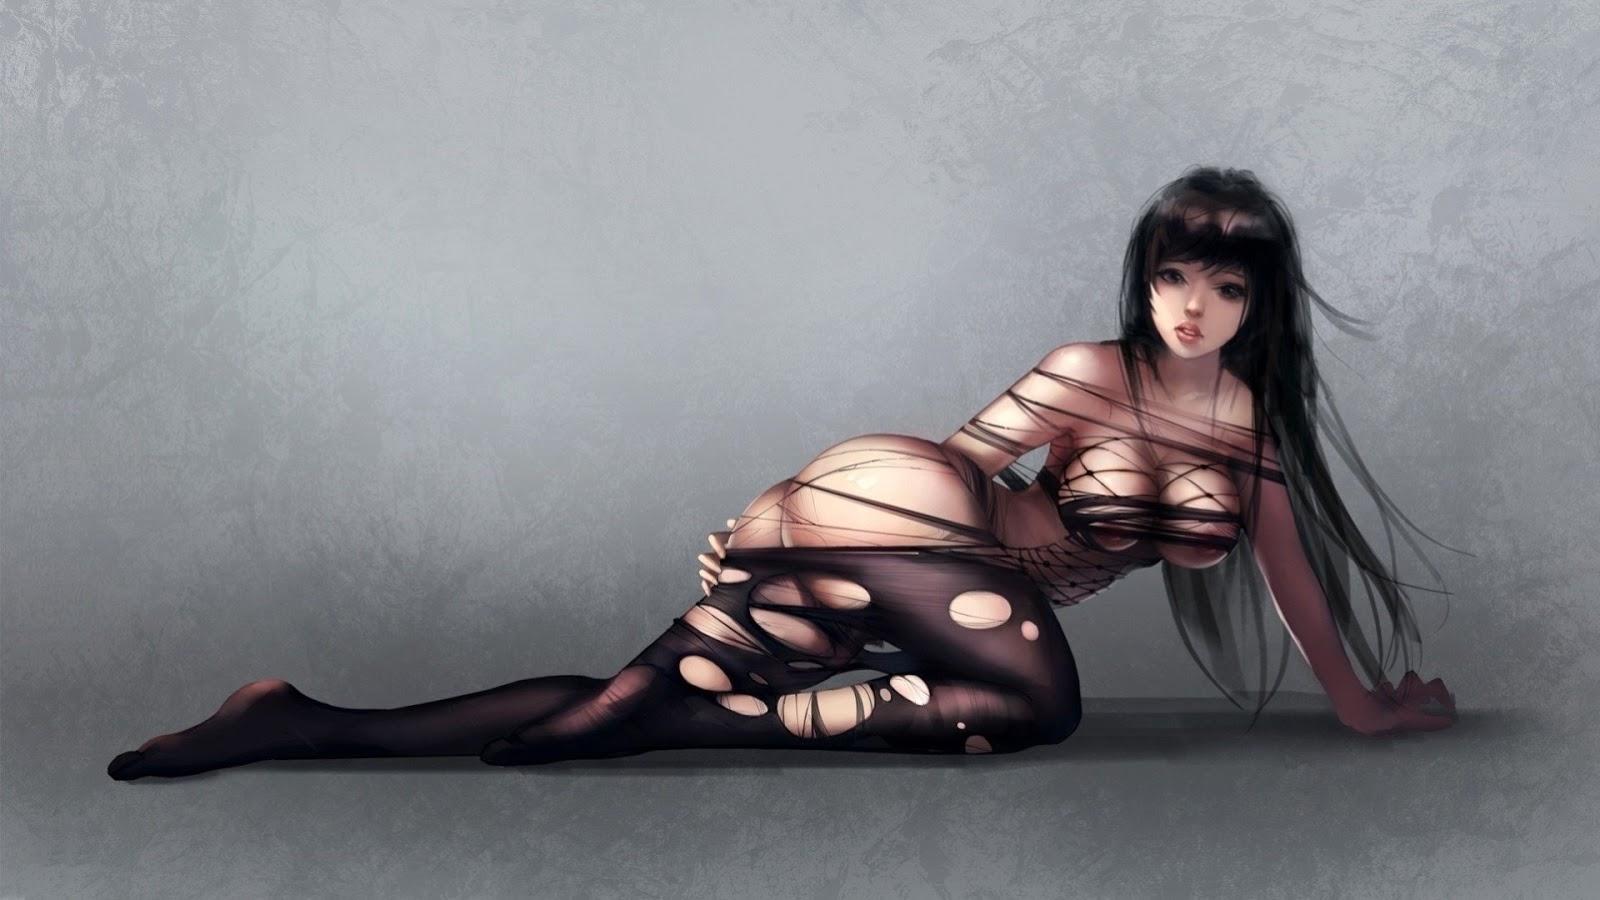 wallpaper, sexy wallpaper, anime, girl, lingerie